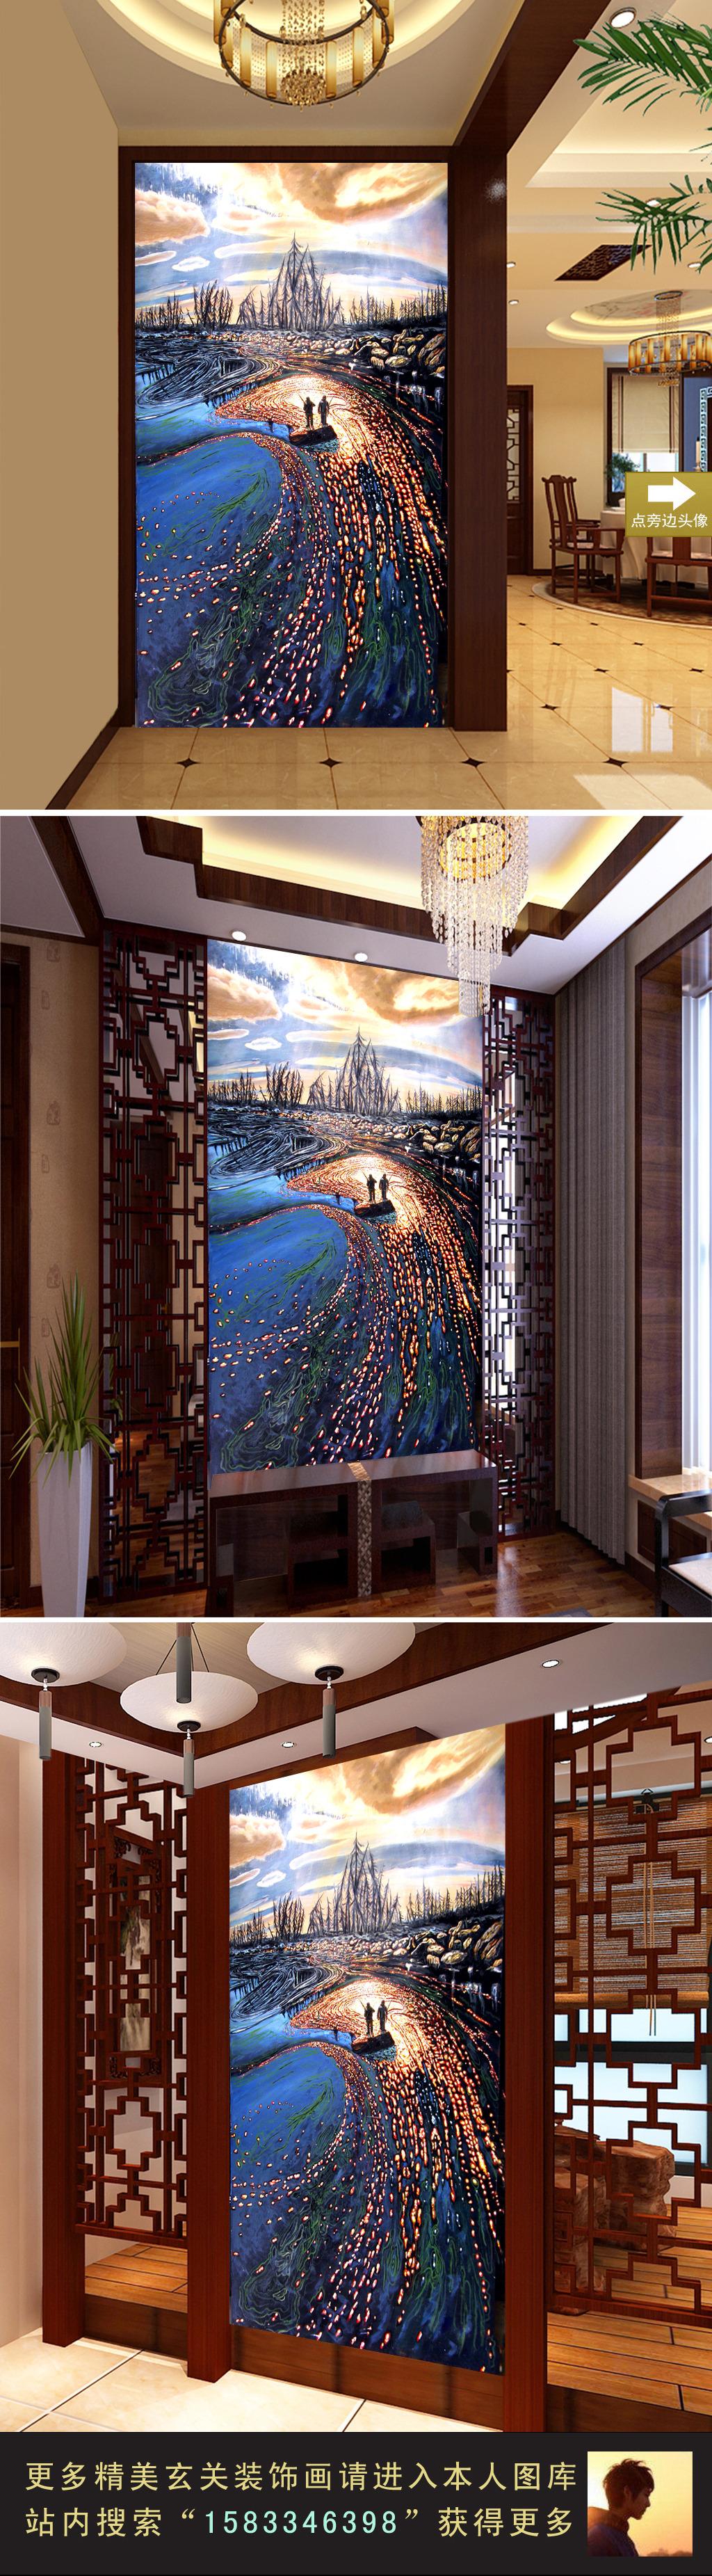 浪漫手绘立体海岸风景油画玄关门厅